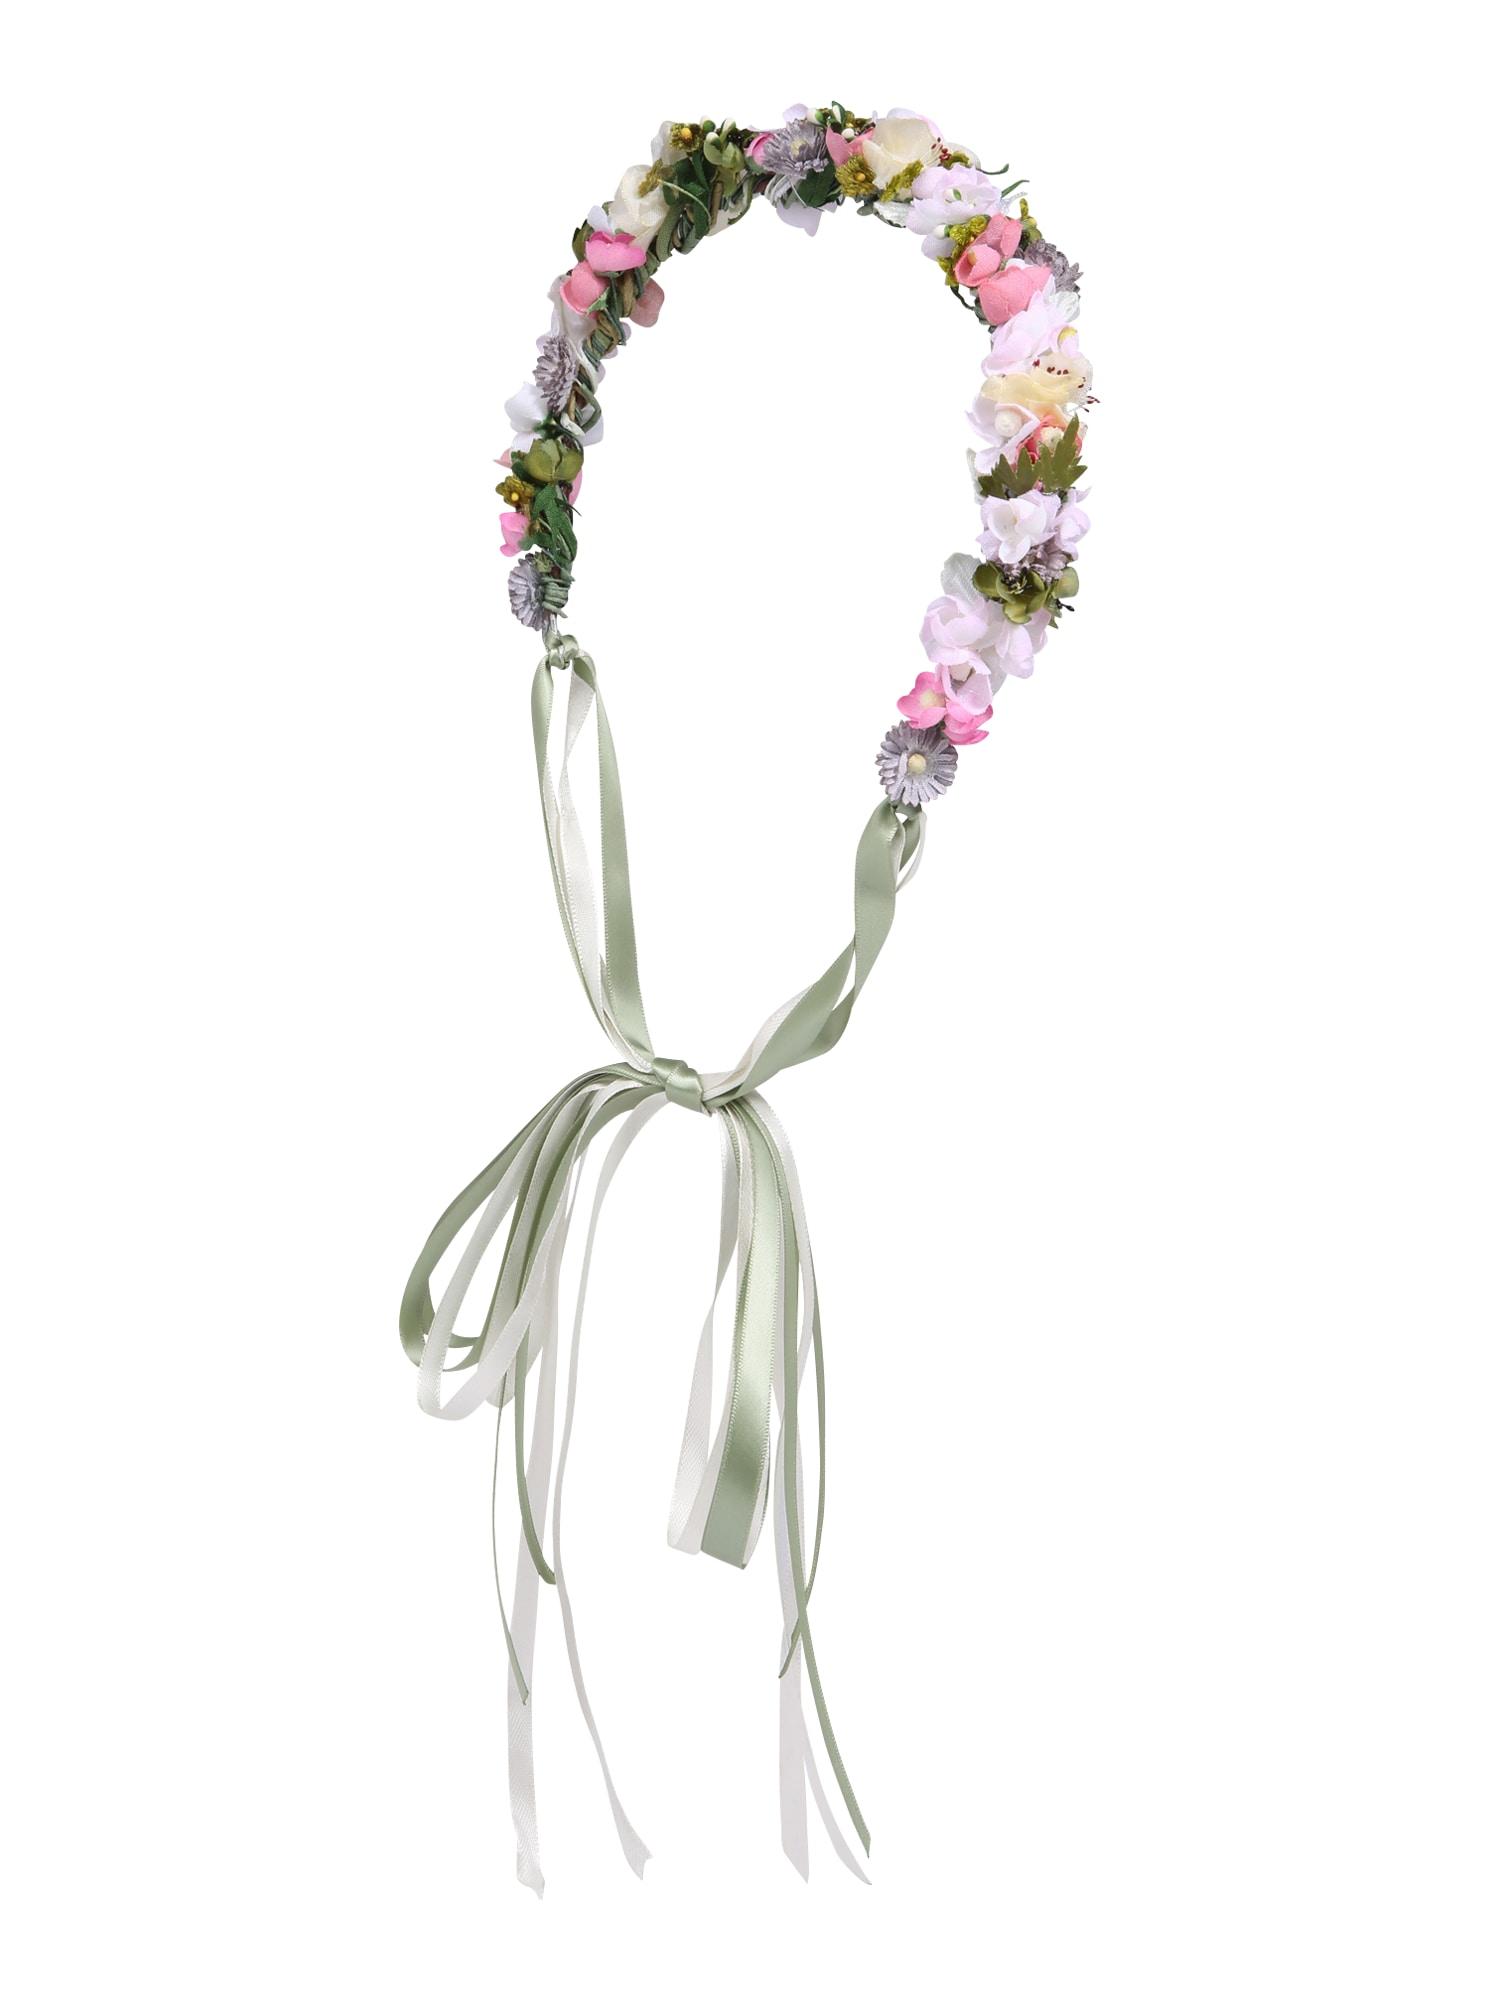 Šperky do vlasů Midsummer Flowercrown zelená šeříková růžová We Are Flowergirls